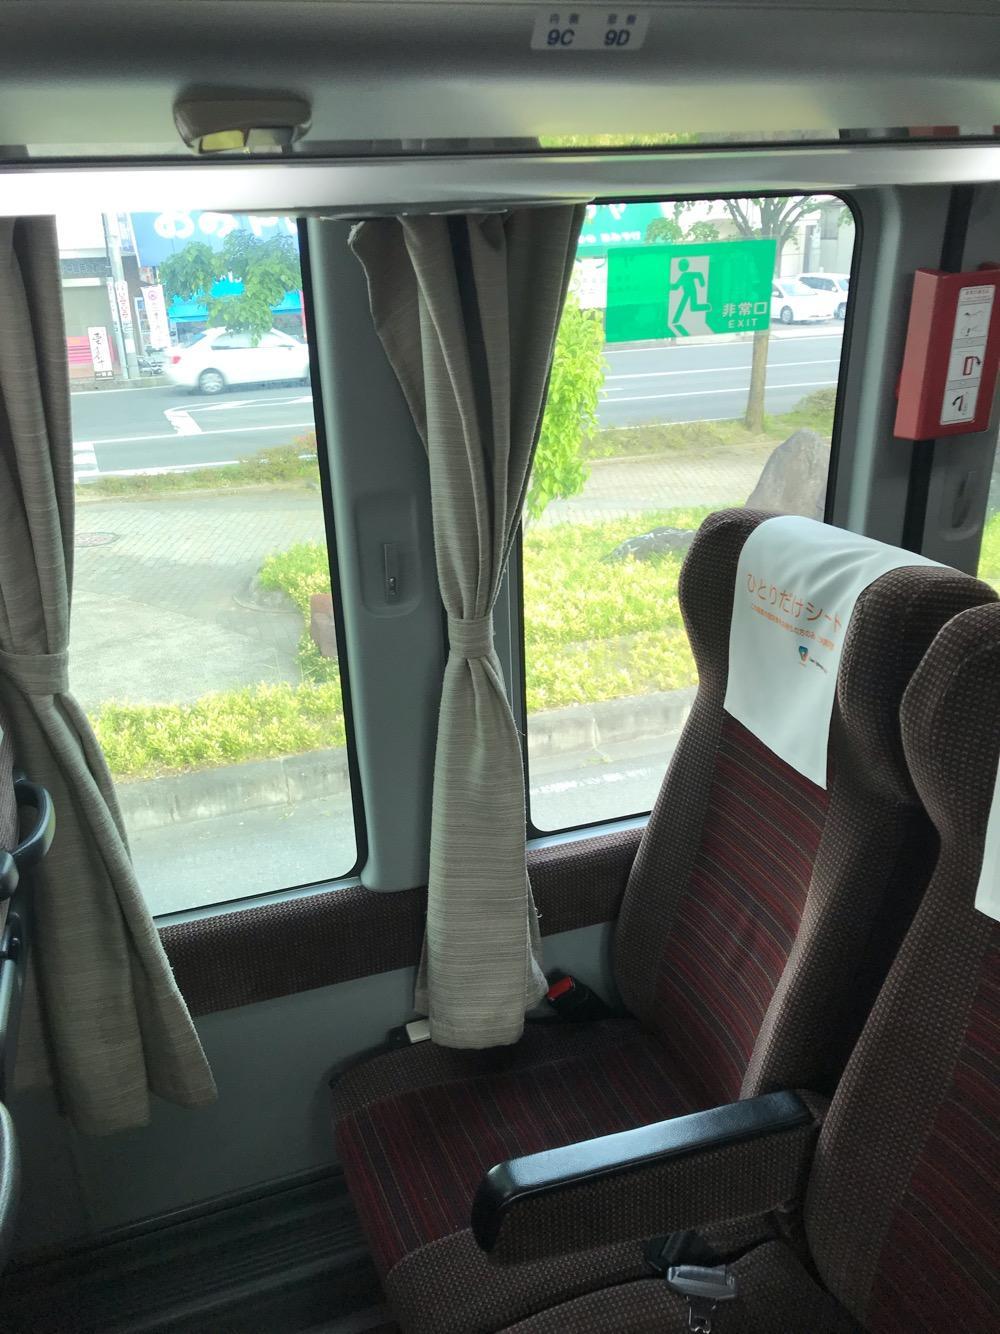 飯田駅からバスタ新宿までの高速バス車内の後部座席「ひとりだけシート」